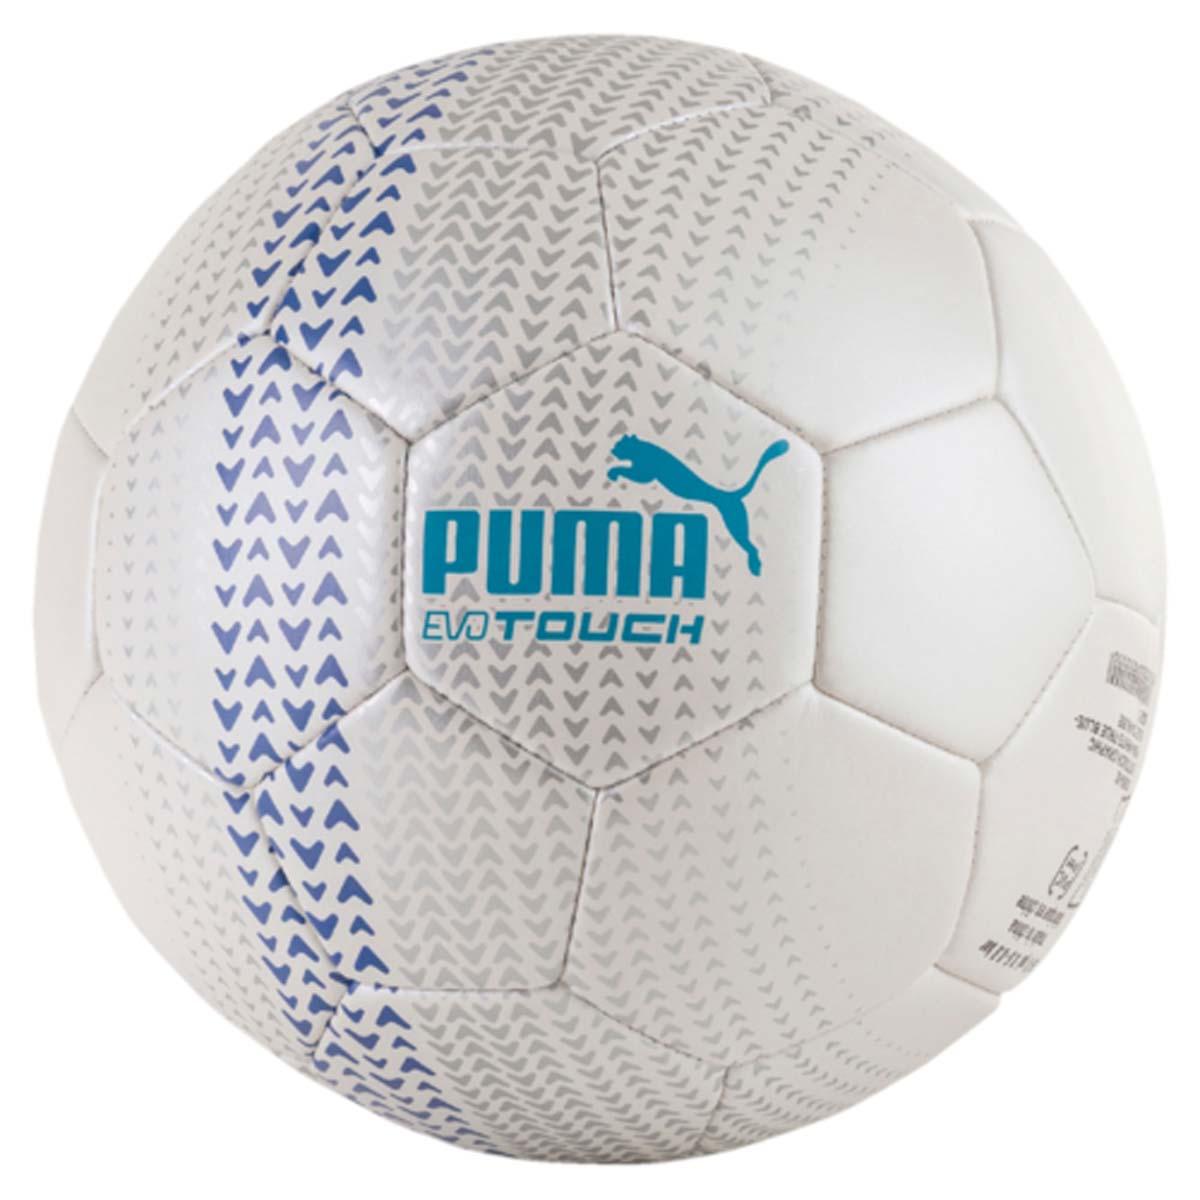 Мяч футбольный Puma Evotouch Graphic, цвет: белый. 08266502. Размер 508266502